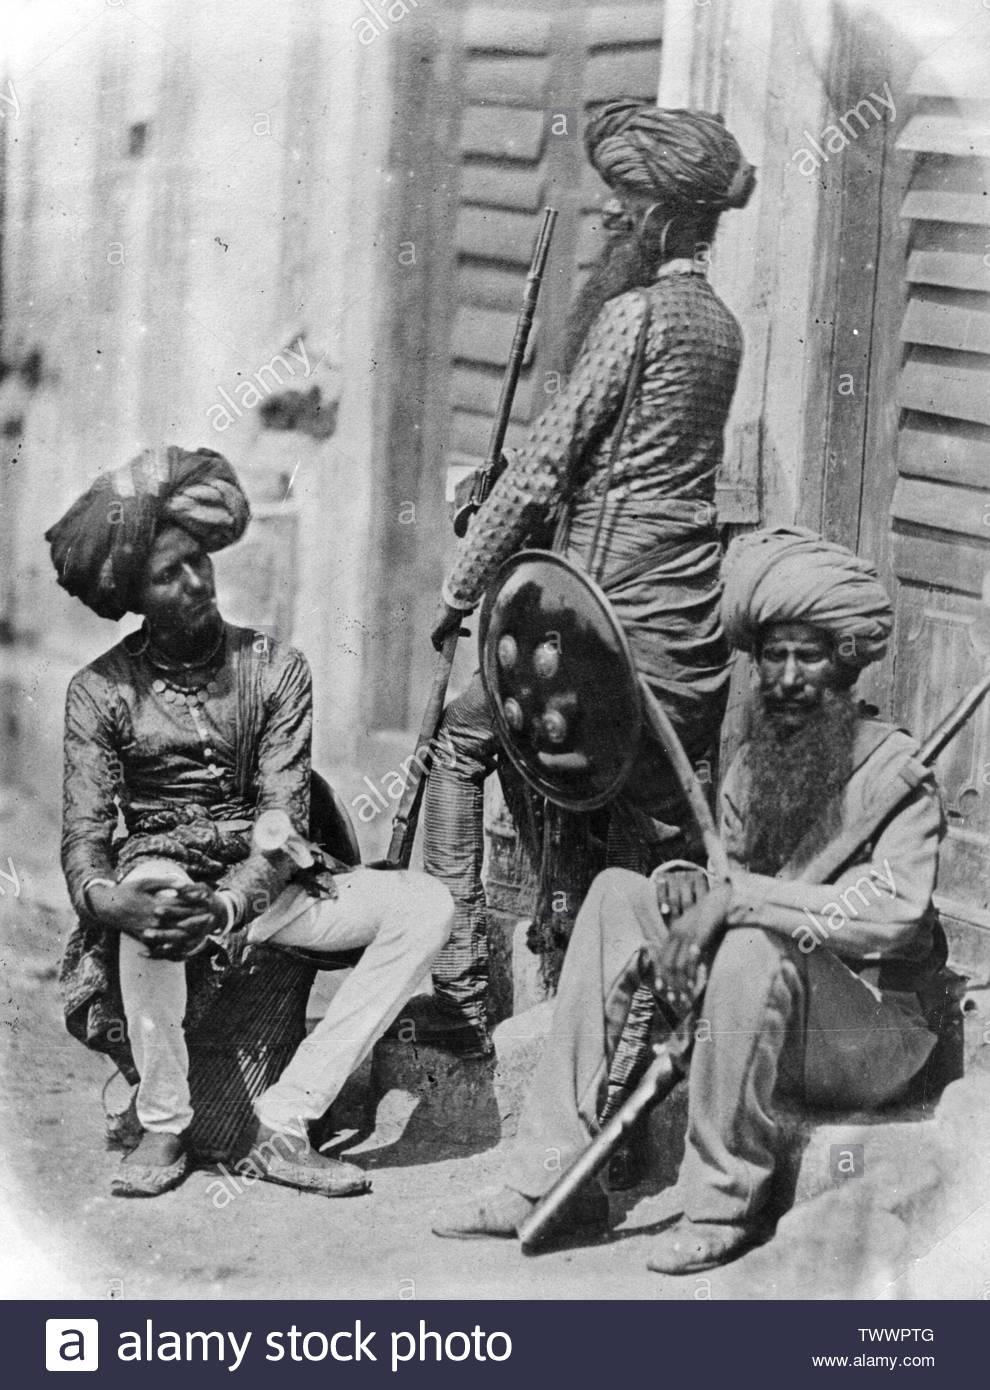 'English: Sikh afghane des dirigeants de l'Hodson's Horse, un régiment de cavalerie de l'Armée britannique des Affaires indiennes, au cours de la Révolte des cipayes, 1858. (Photo de Felice Beato/Getty Images); 1858; http://www.vintag.es/2013/05/life-in-india-in-19th-century.html; Felice Beato (1832-1909) Noms alternatifs Felix Beato Description photographe italien, journaliste, photographe de guerre, photojournaliste et photographe d'architecture Date de naissance/décès 1832 (ou peut-être aussi tard que 1834) 29 janvier 1909 (ou peut-être dès 1907) Lieu de naissance/décès Venise, Autriche-Hongrie, Italie période de travail 19 Photo Stock